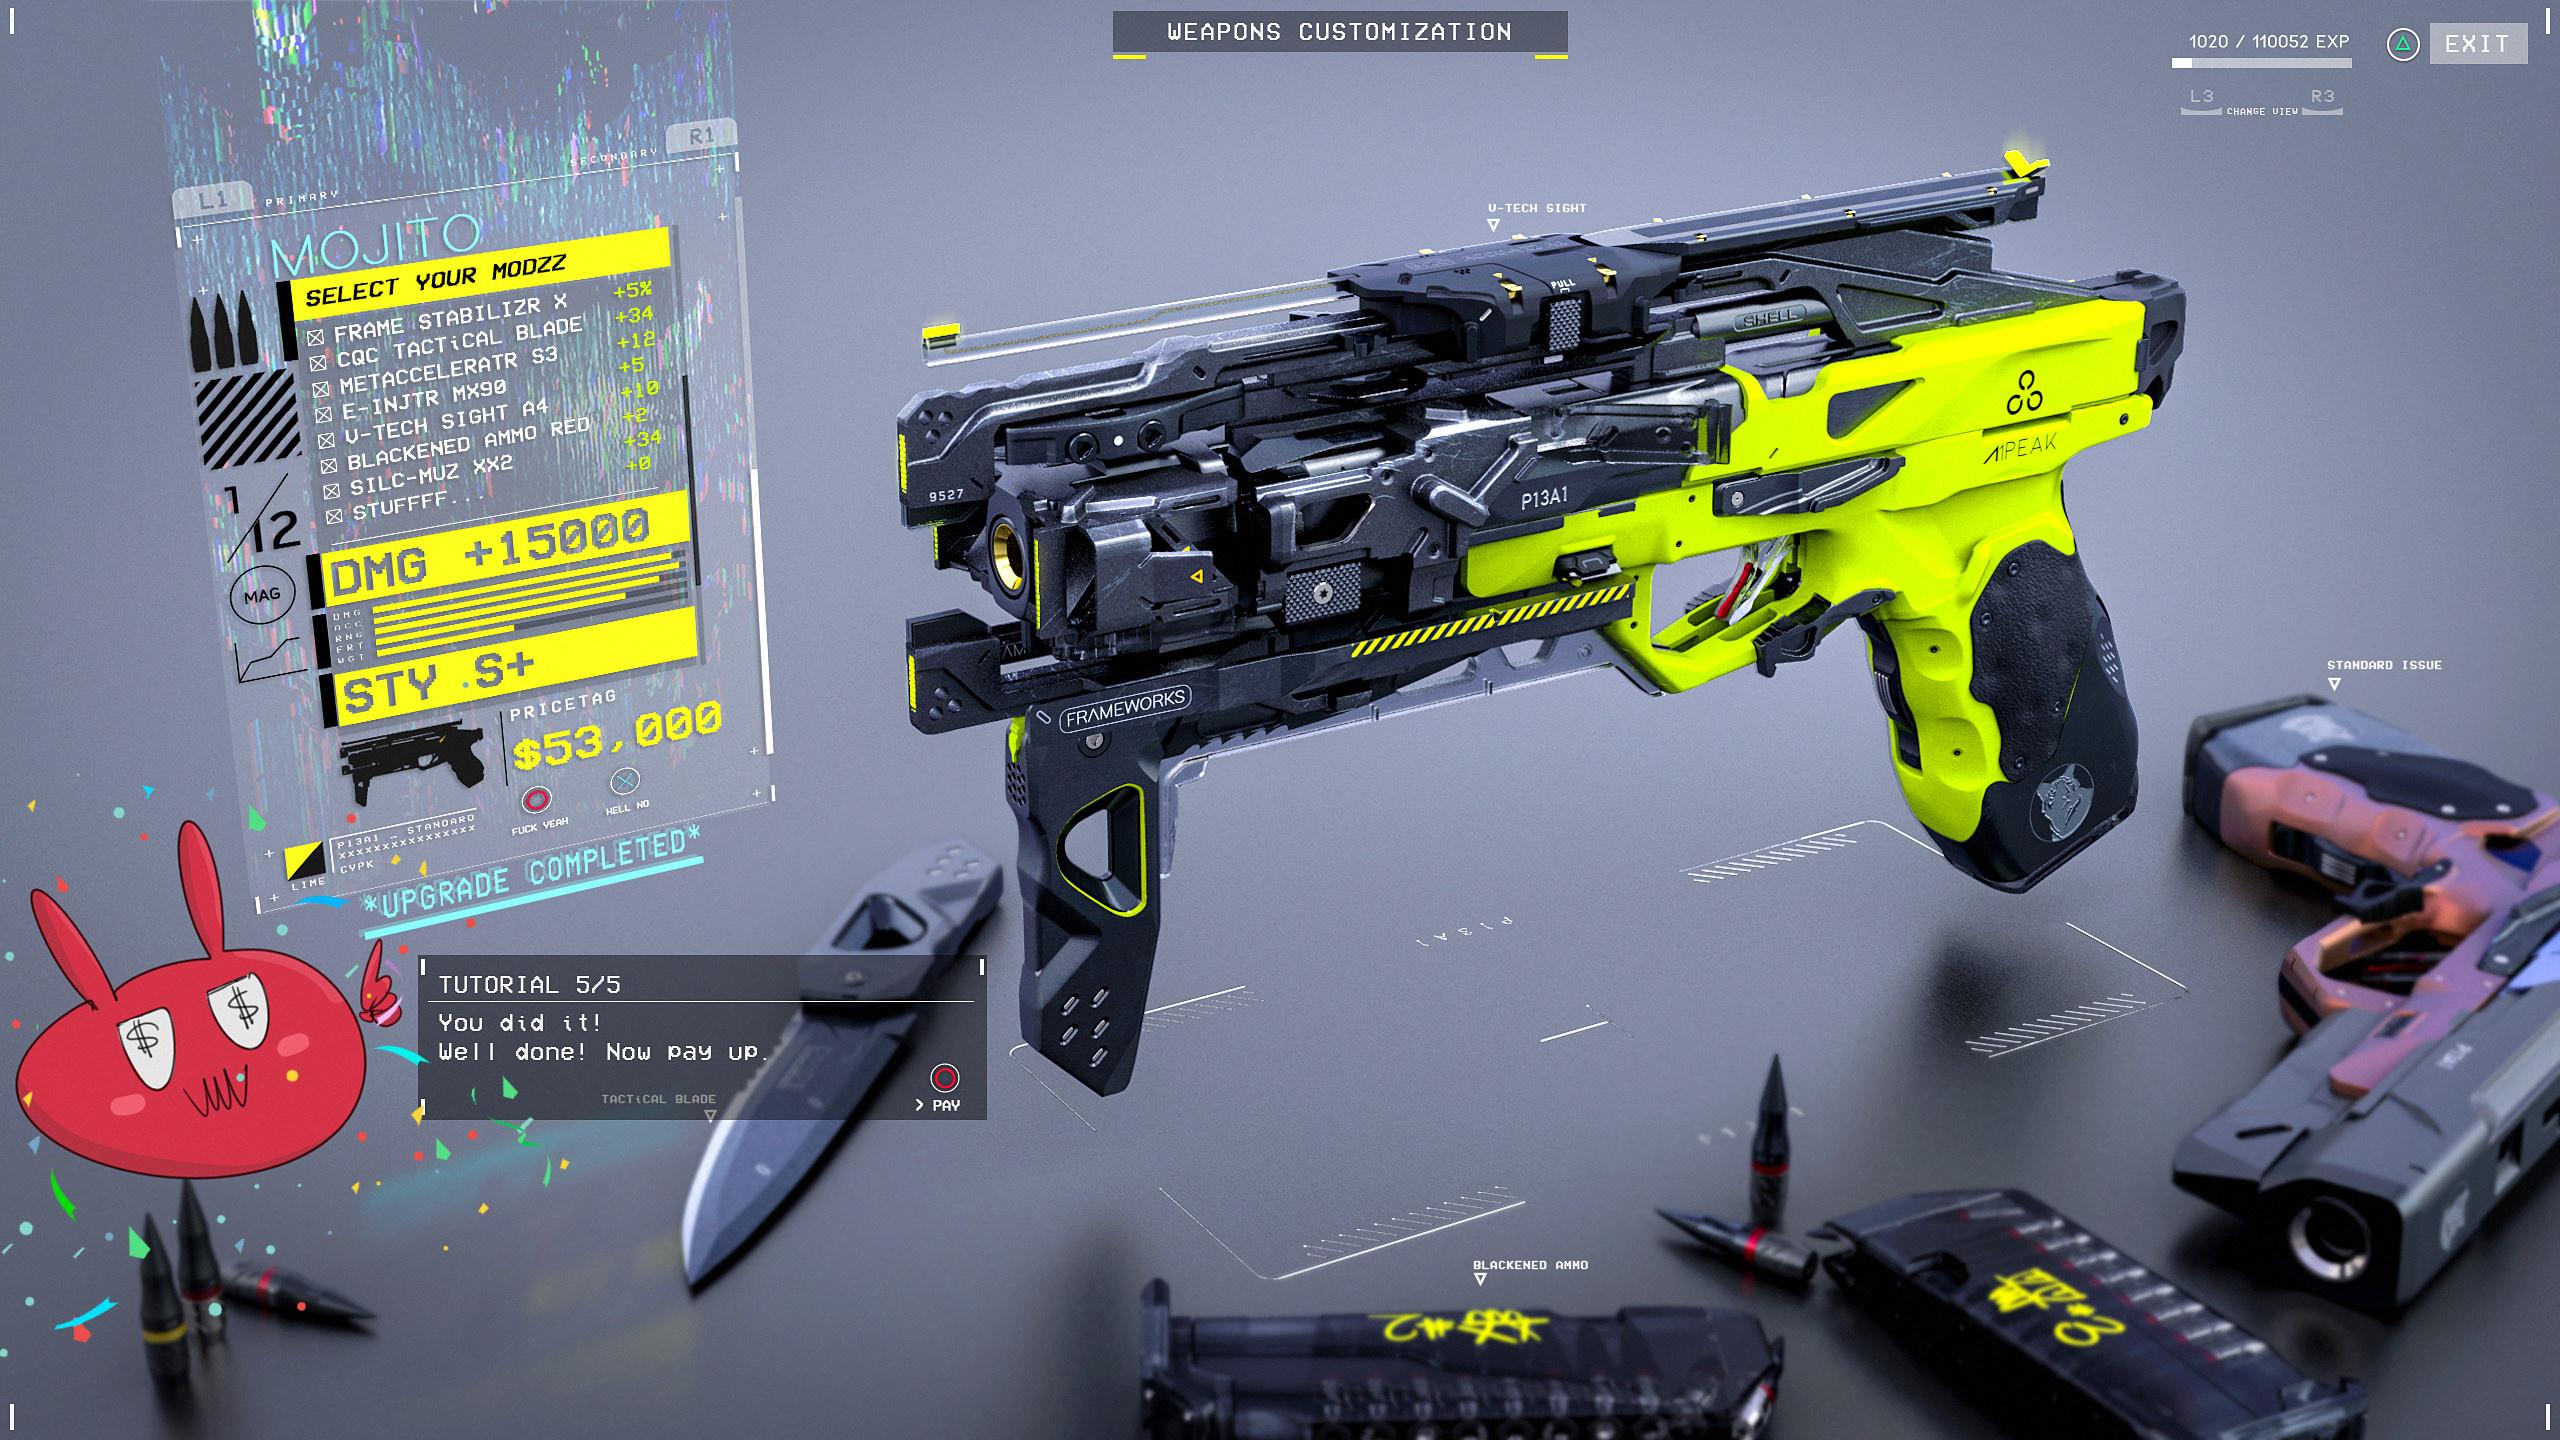 Gun customization. Step 5 - Done!